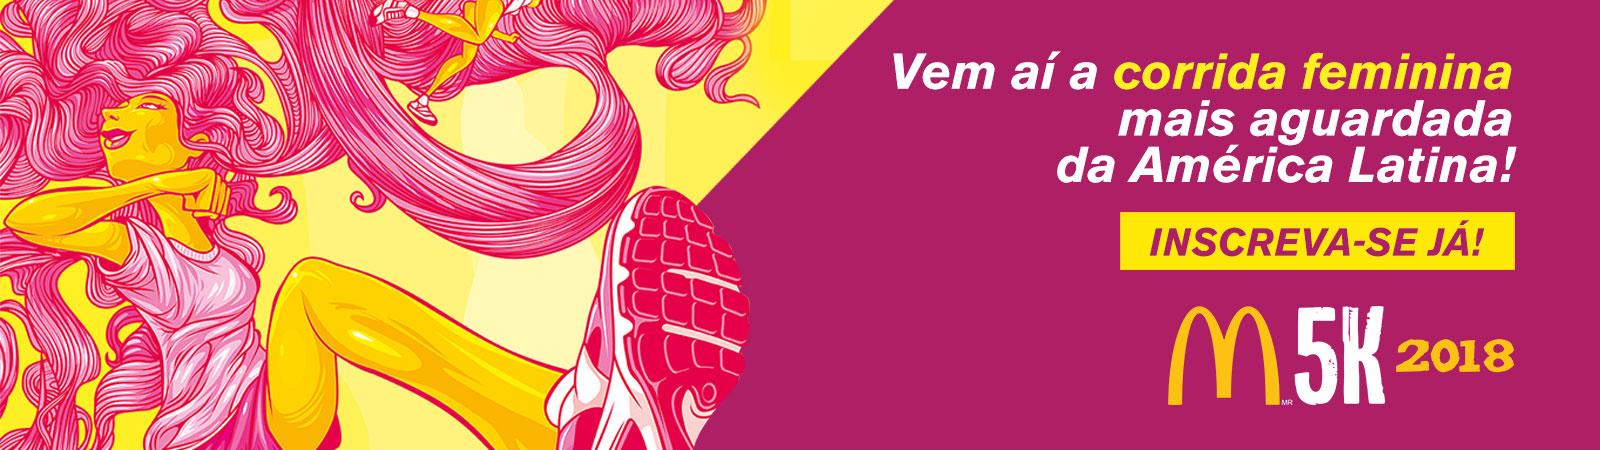 CORRIDA E CAMINHADA FEMININA McDonald's 5K 2018 - BELO HORIZONTE